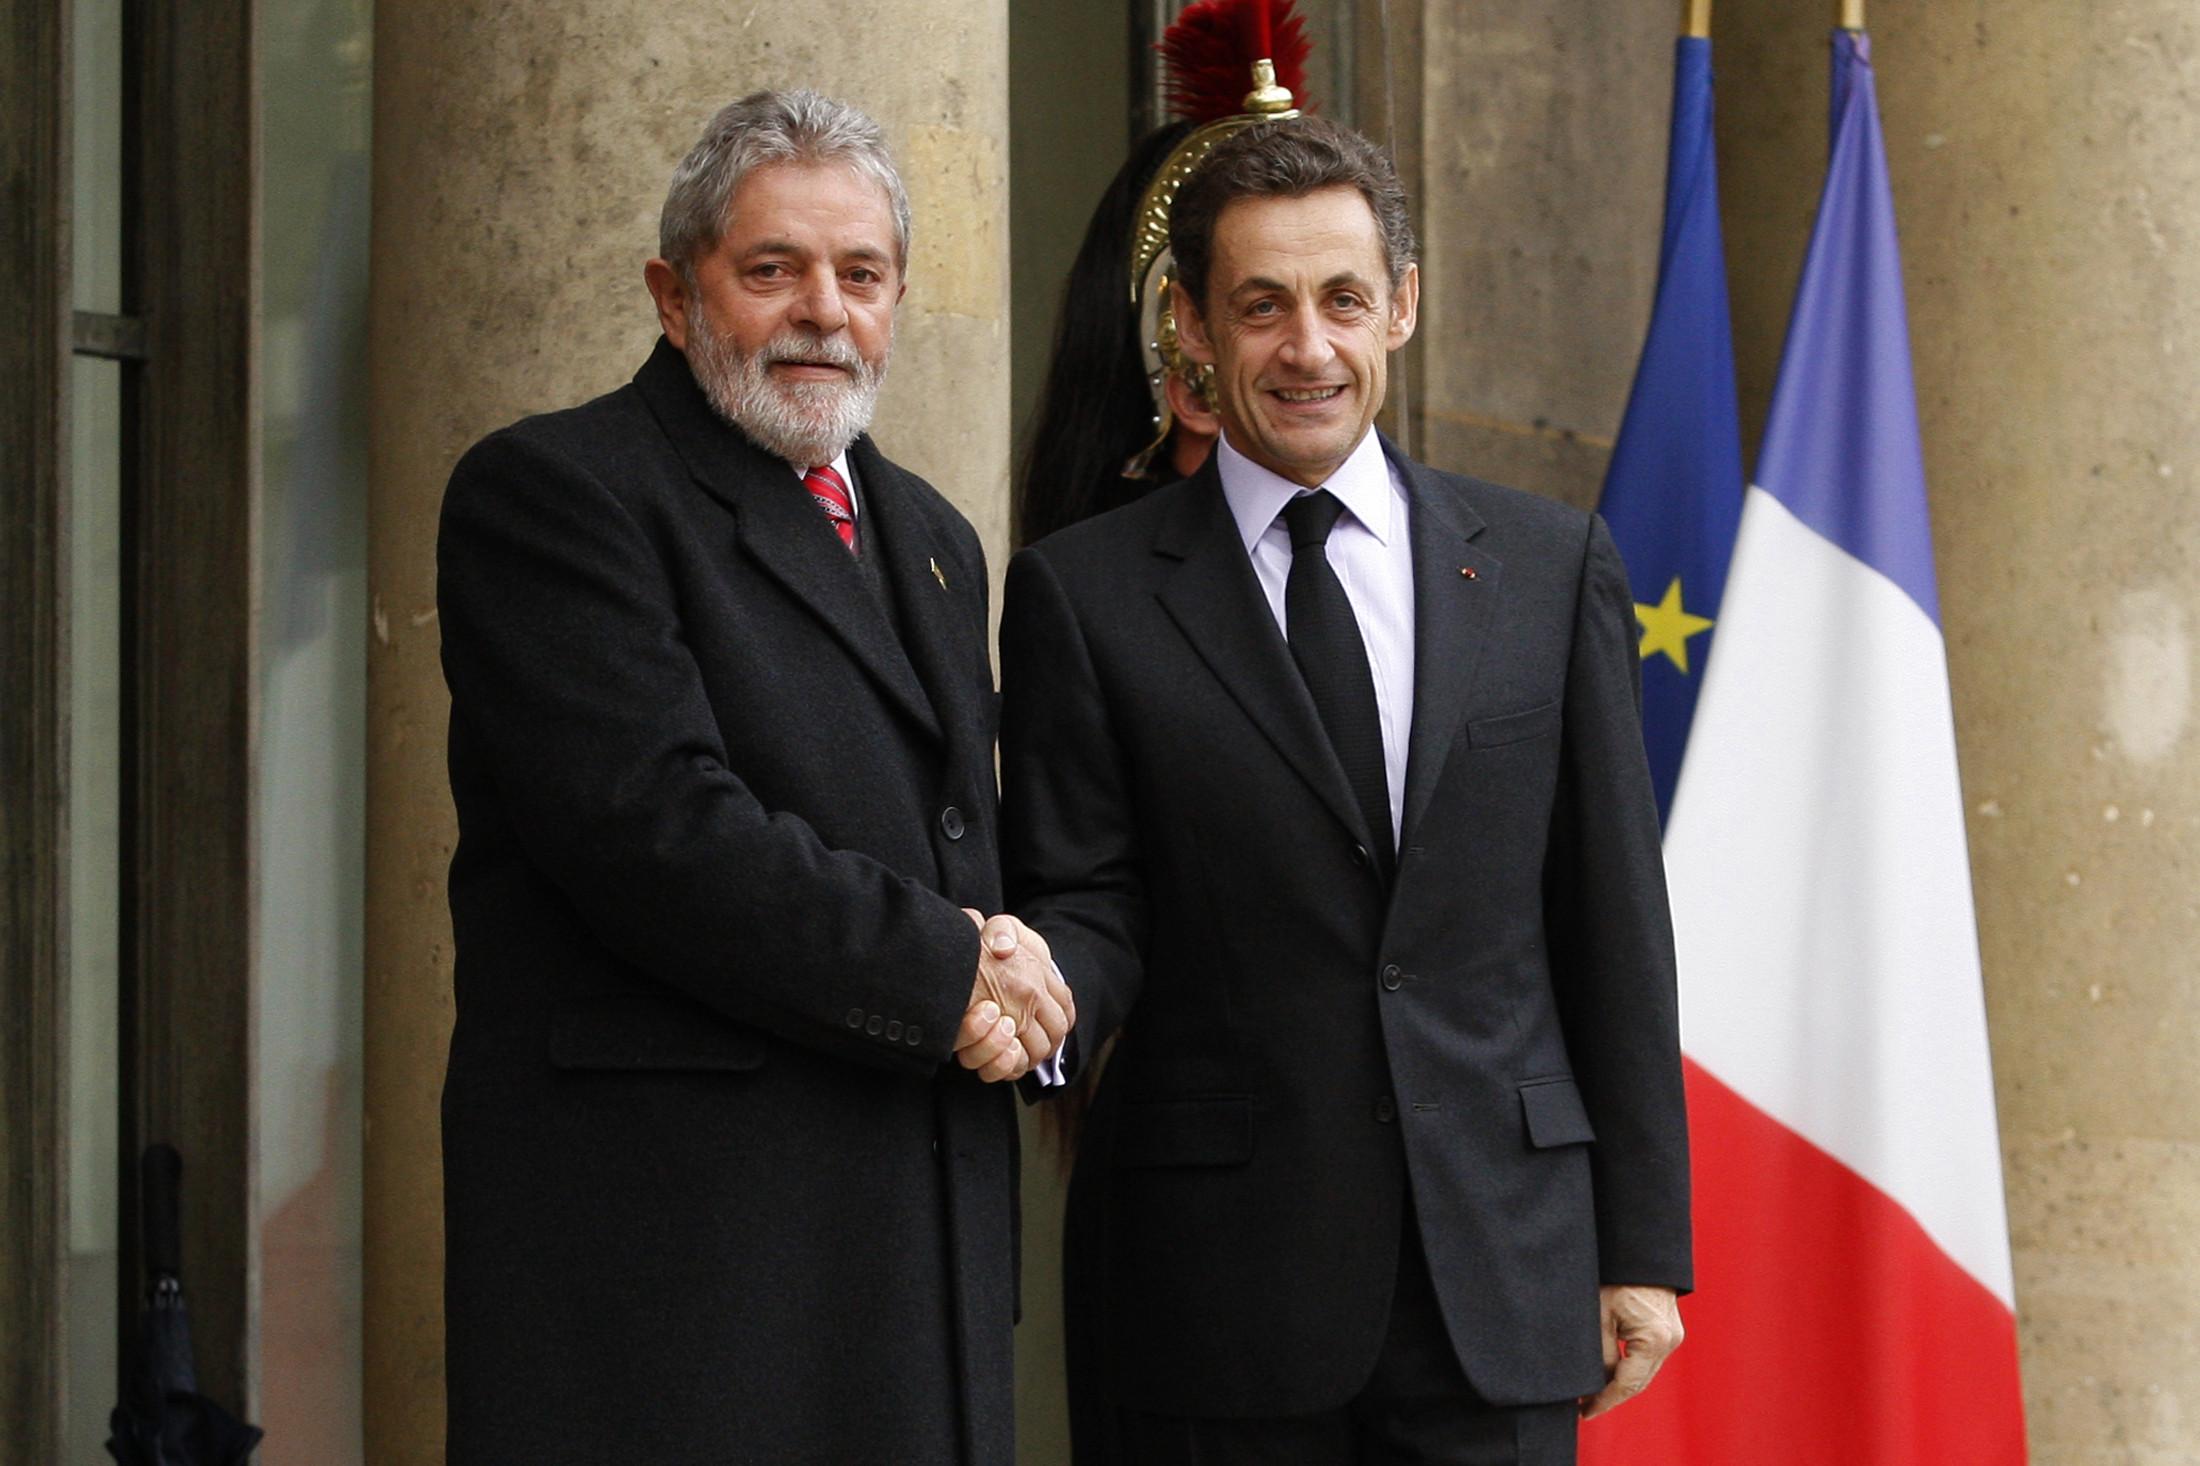 Lula acertou propina em reunião com Sarkozy, diz Palocci